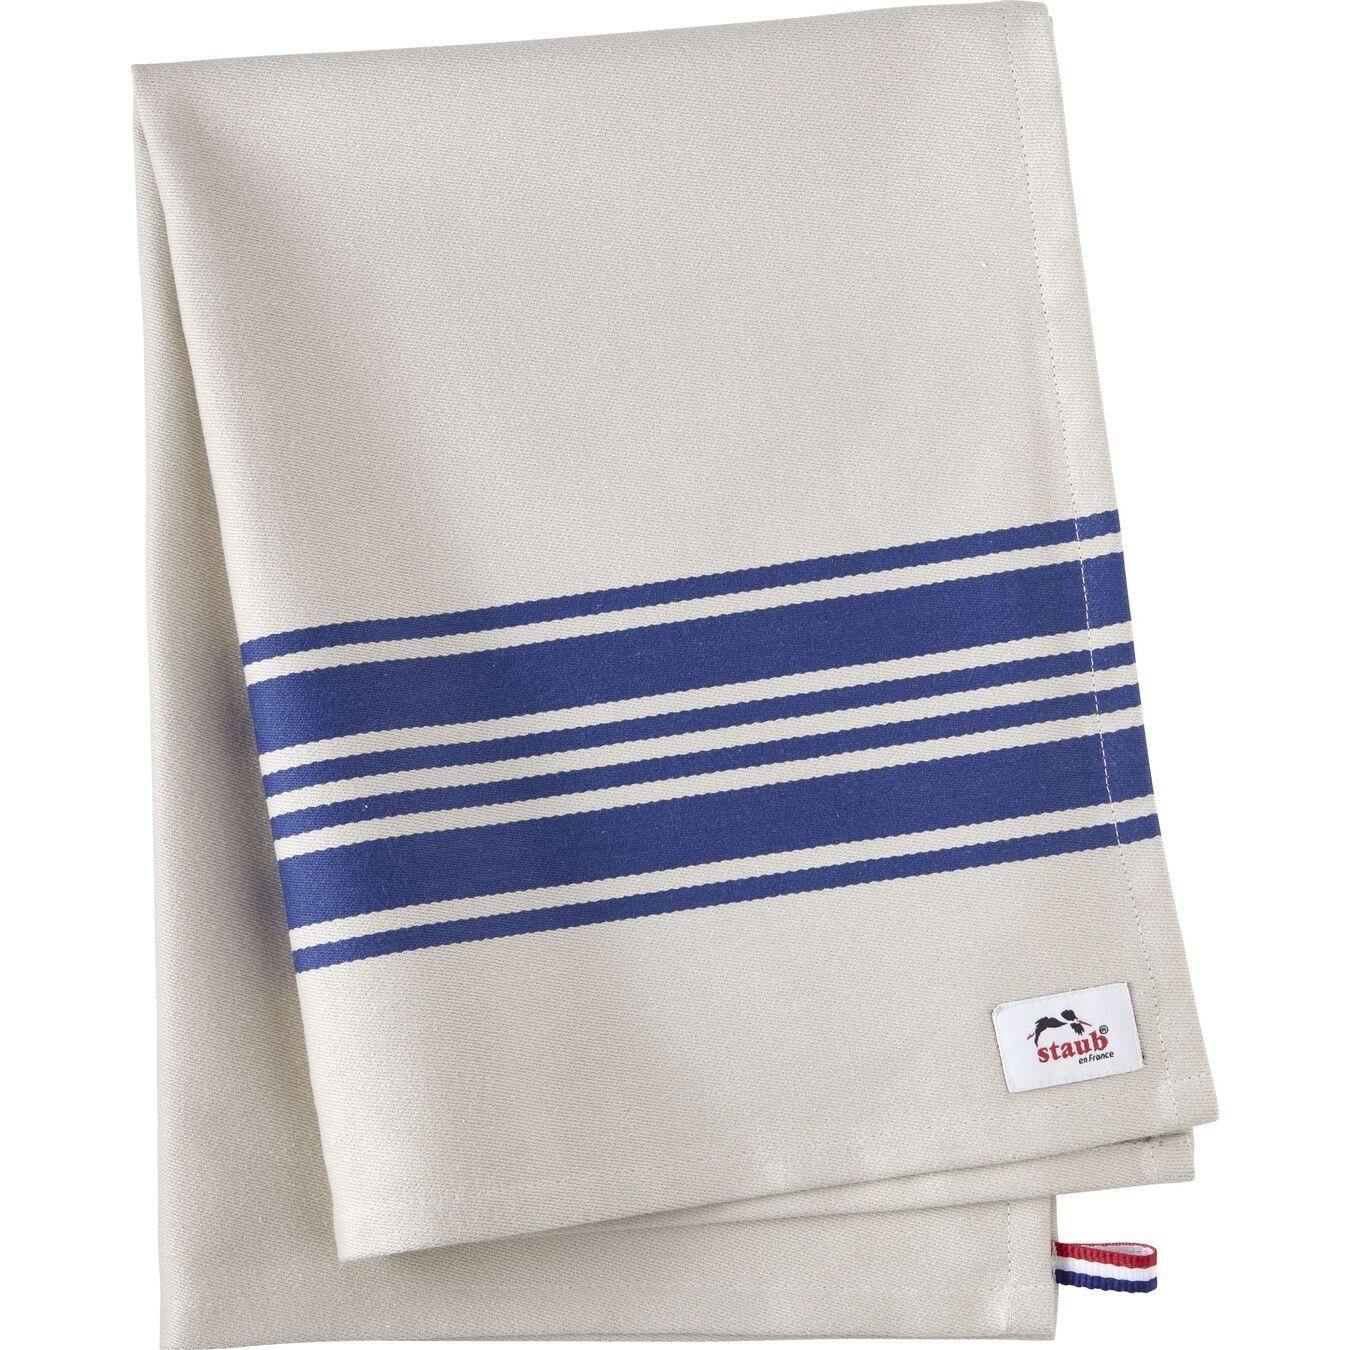 70 cm x 50 cm Cotton Kitchen towel, blue,,large 7